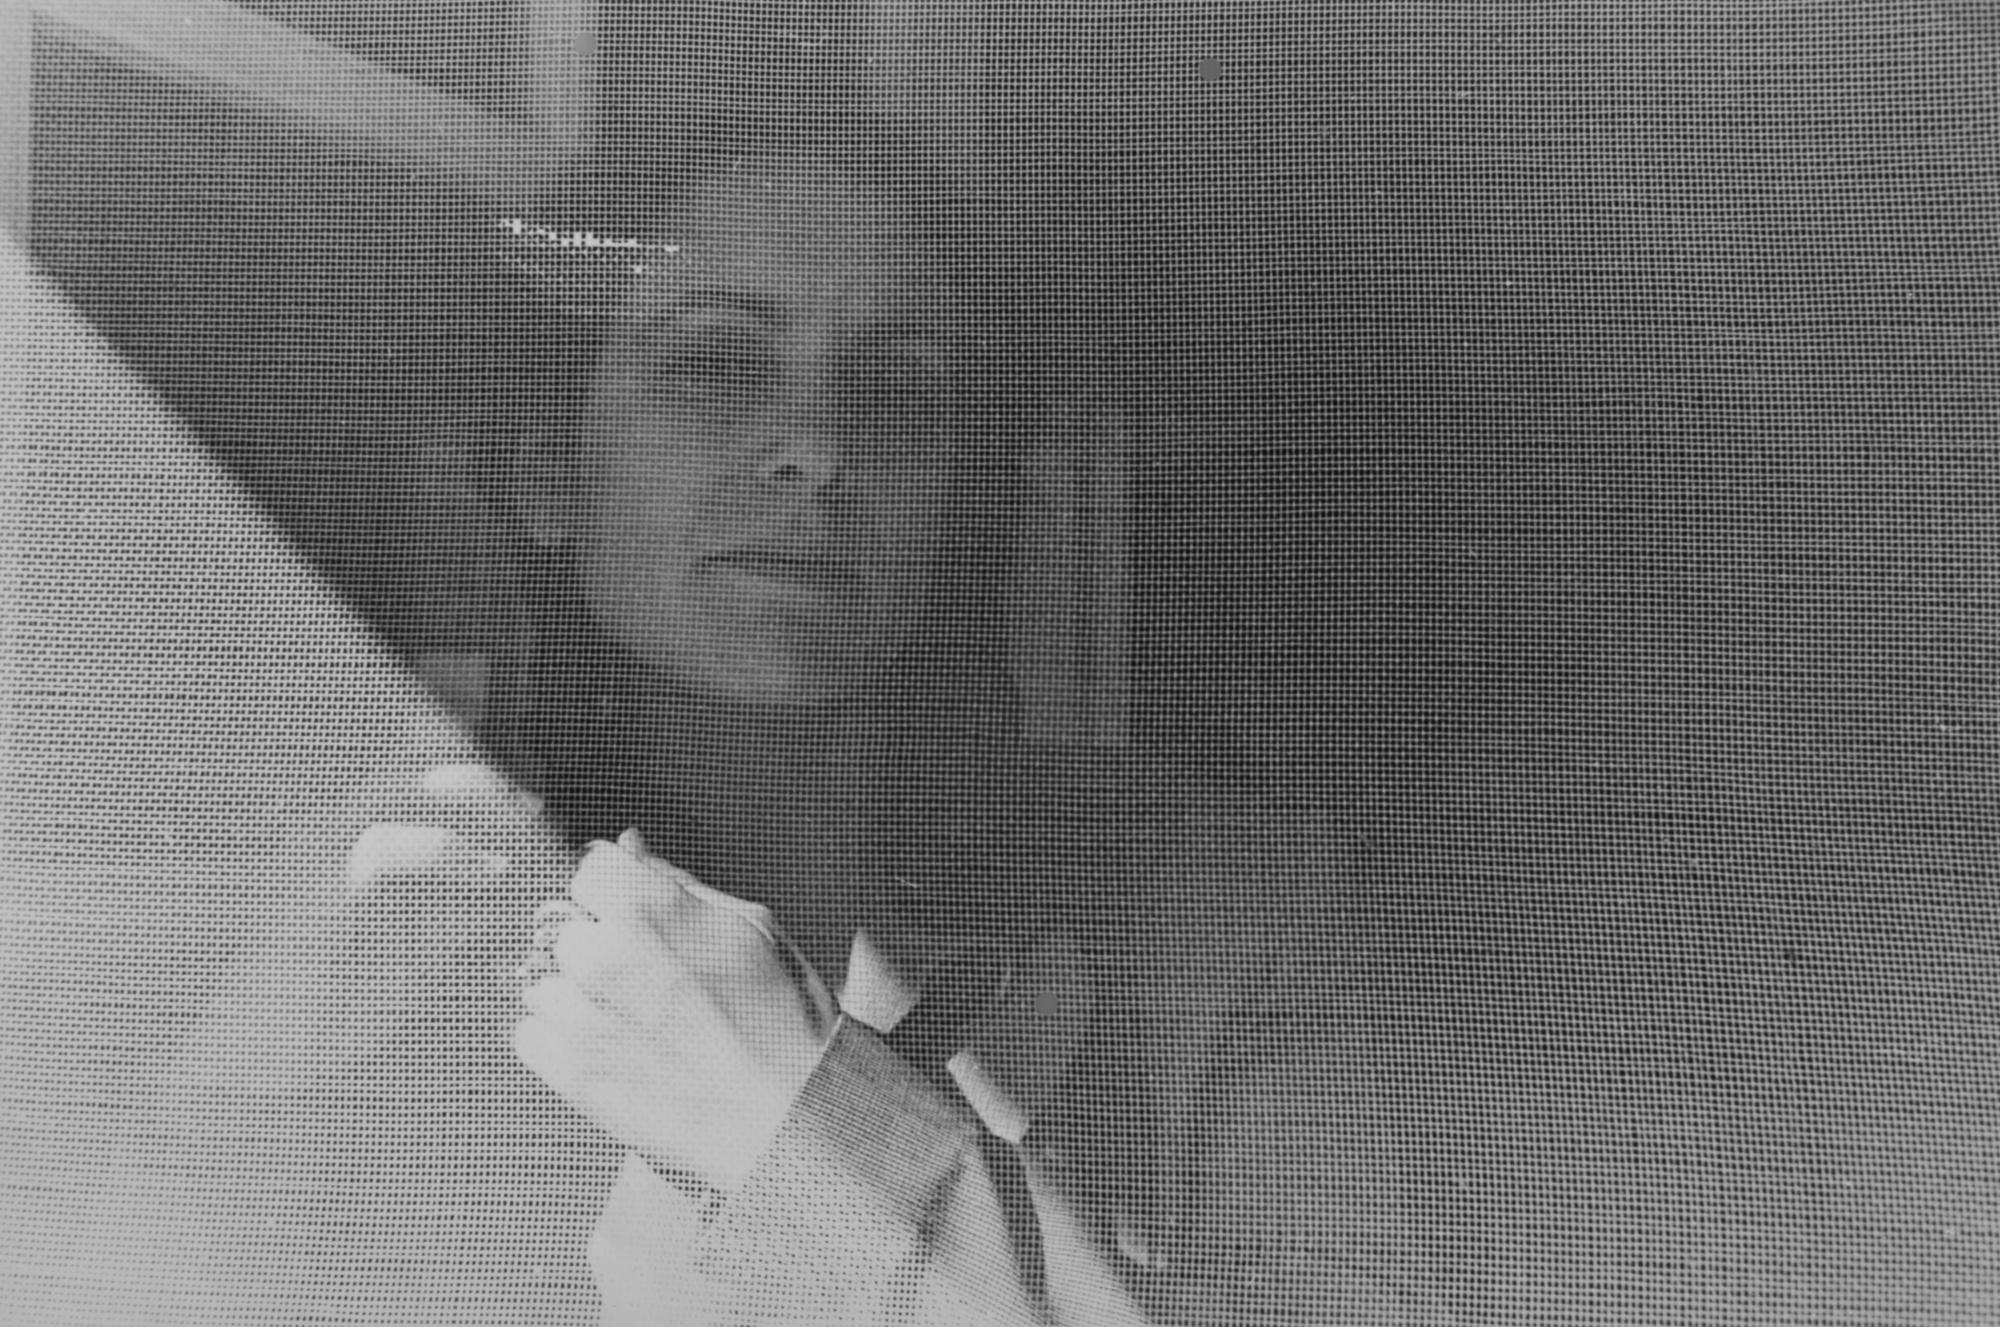 Susan behind the screen door